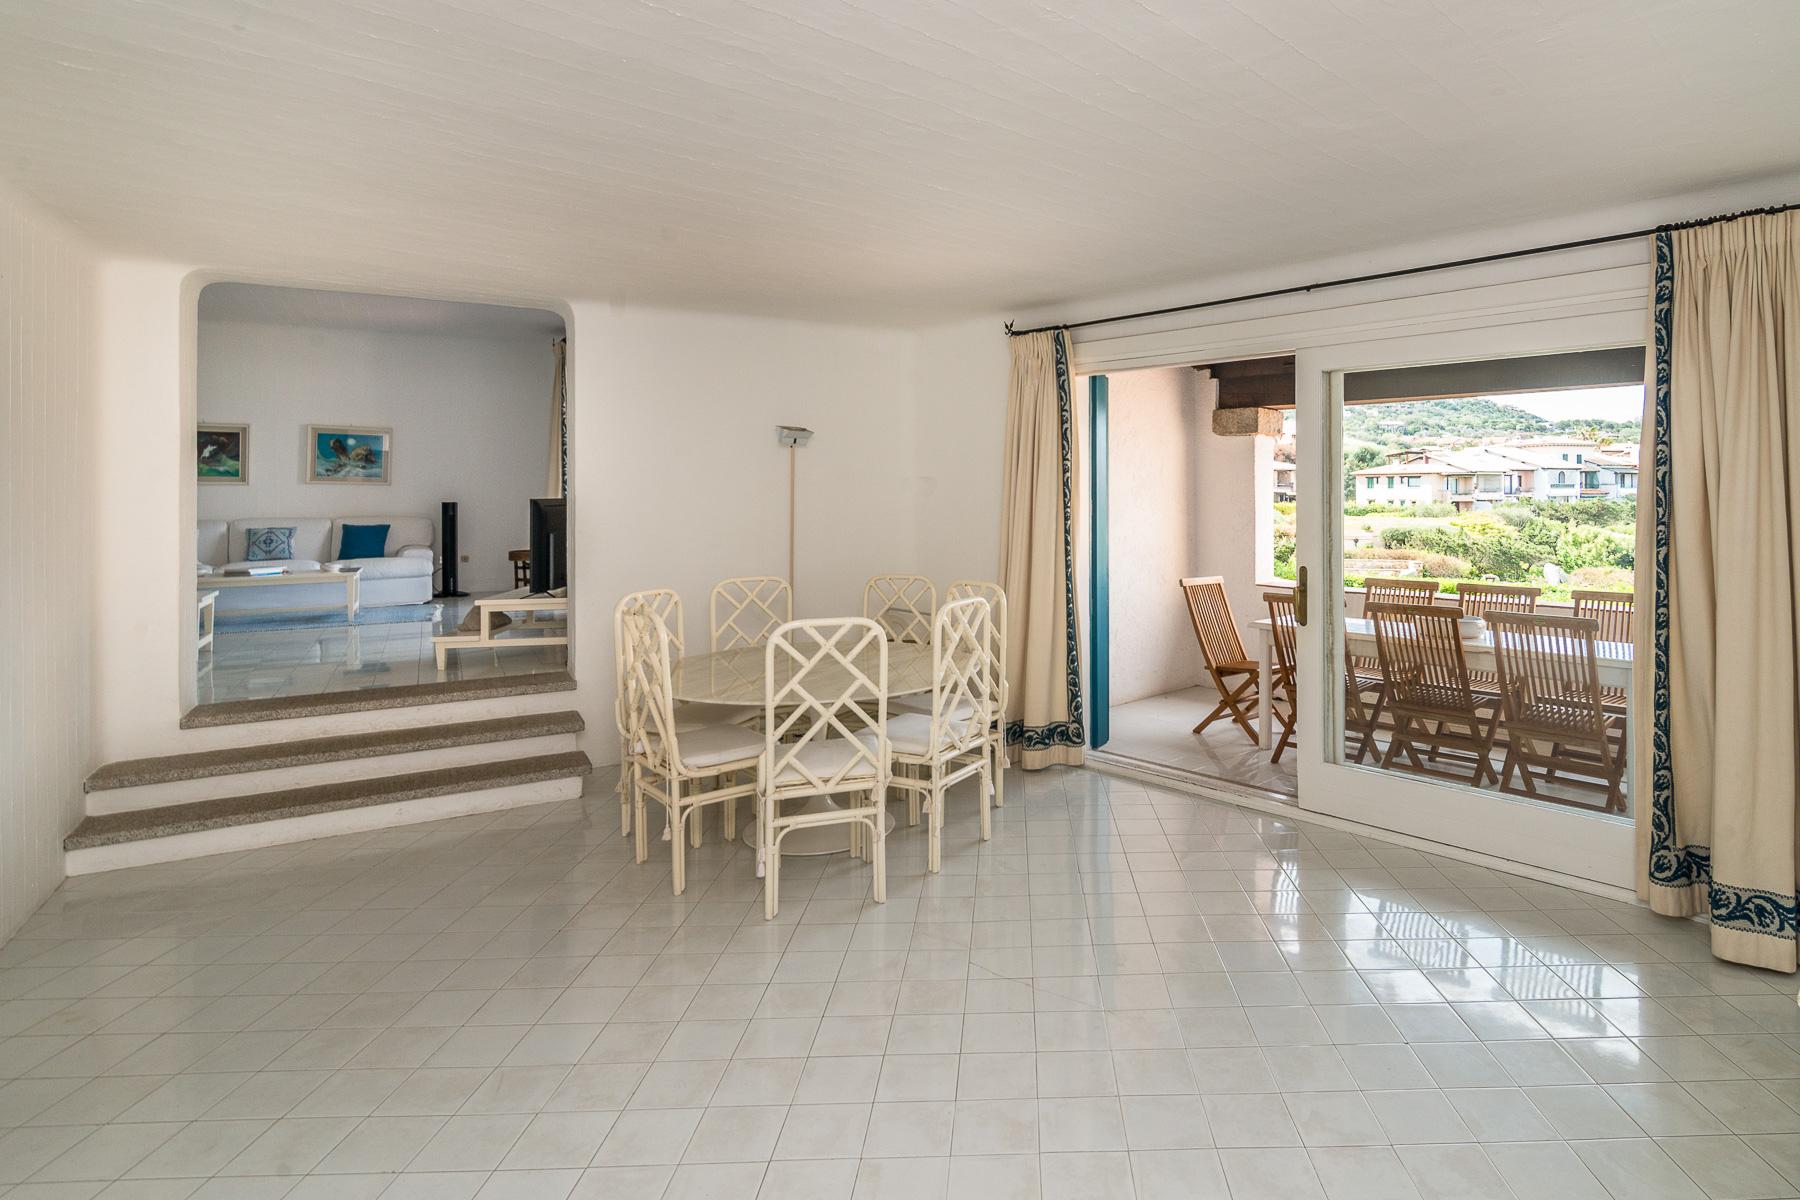 Appartamento in Vendita a Olbia: 5 locali, 175 mq - Foto 4